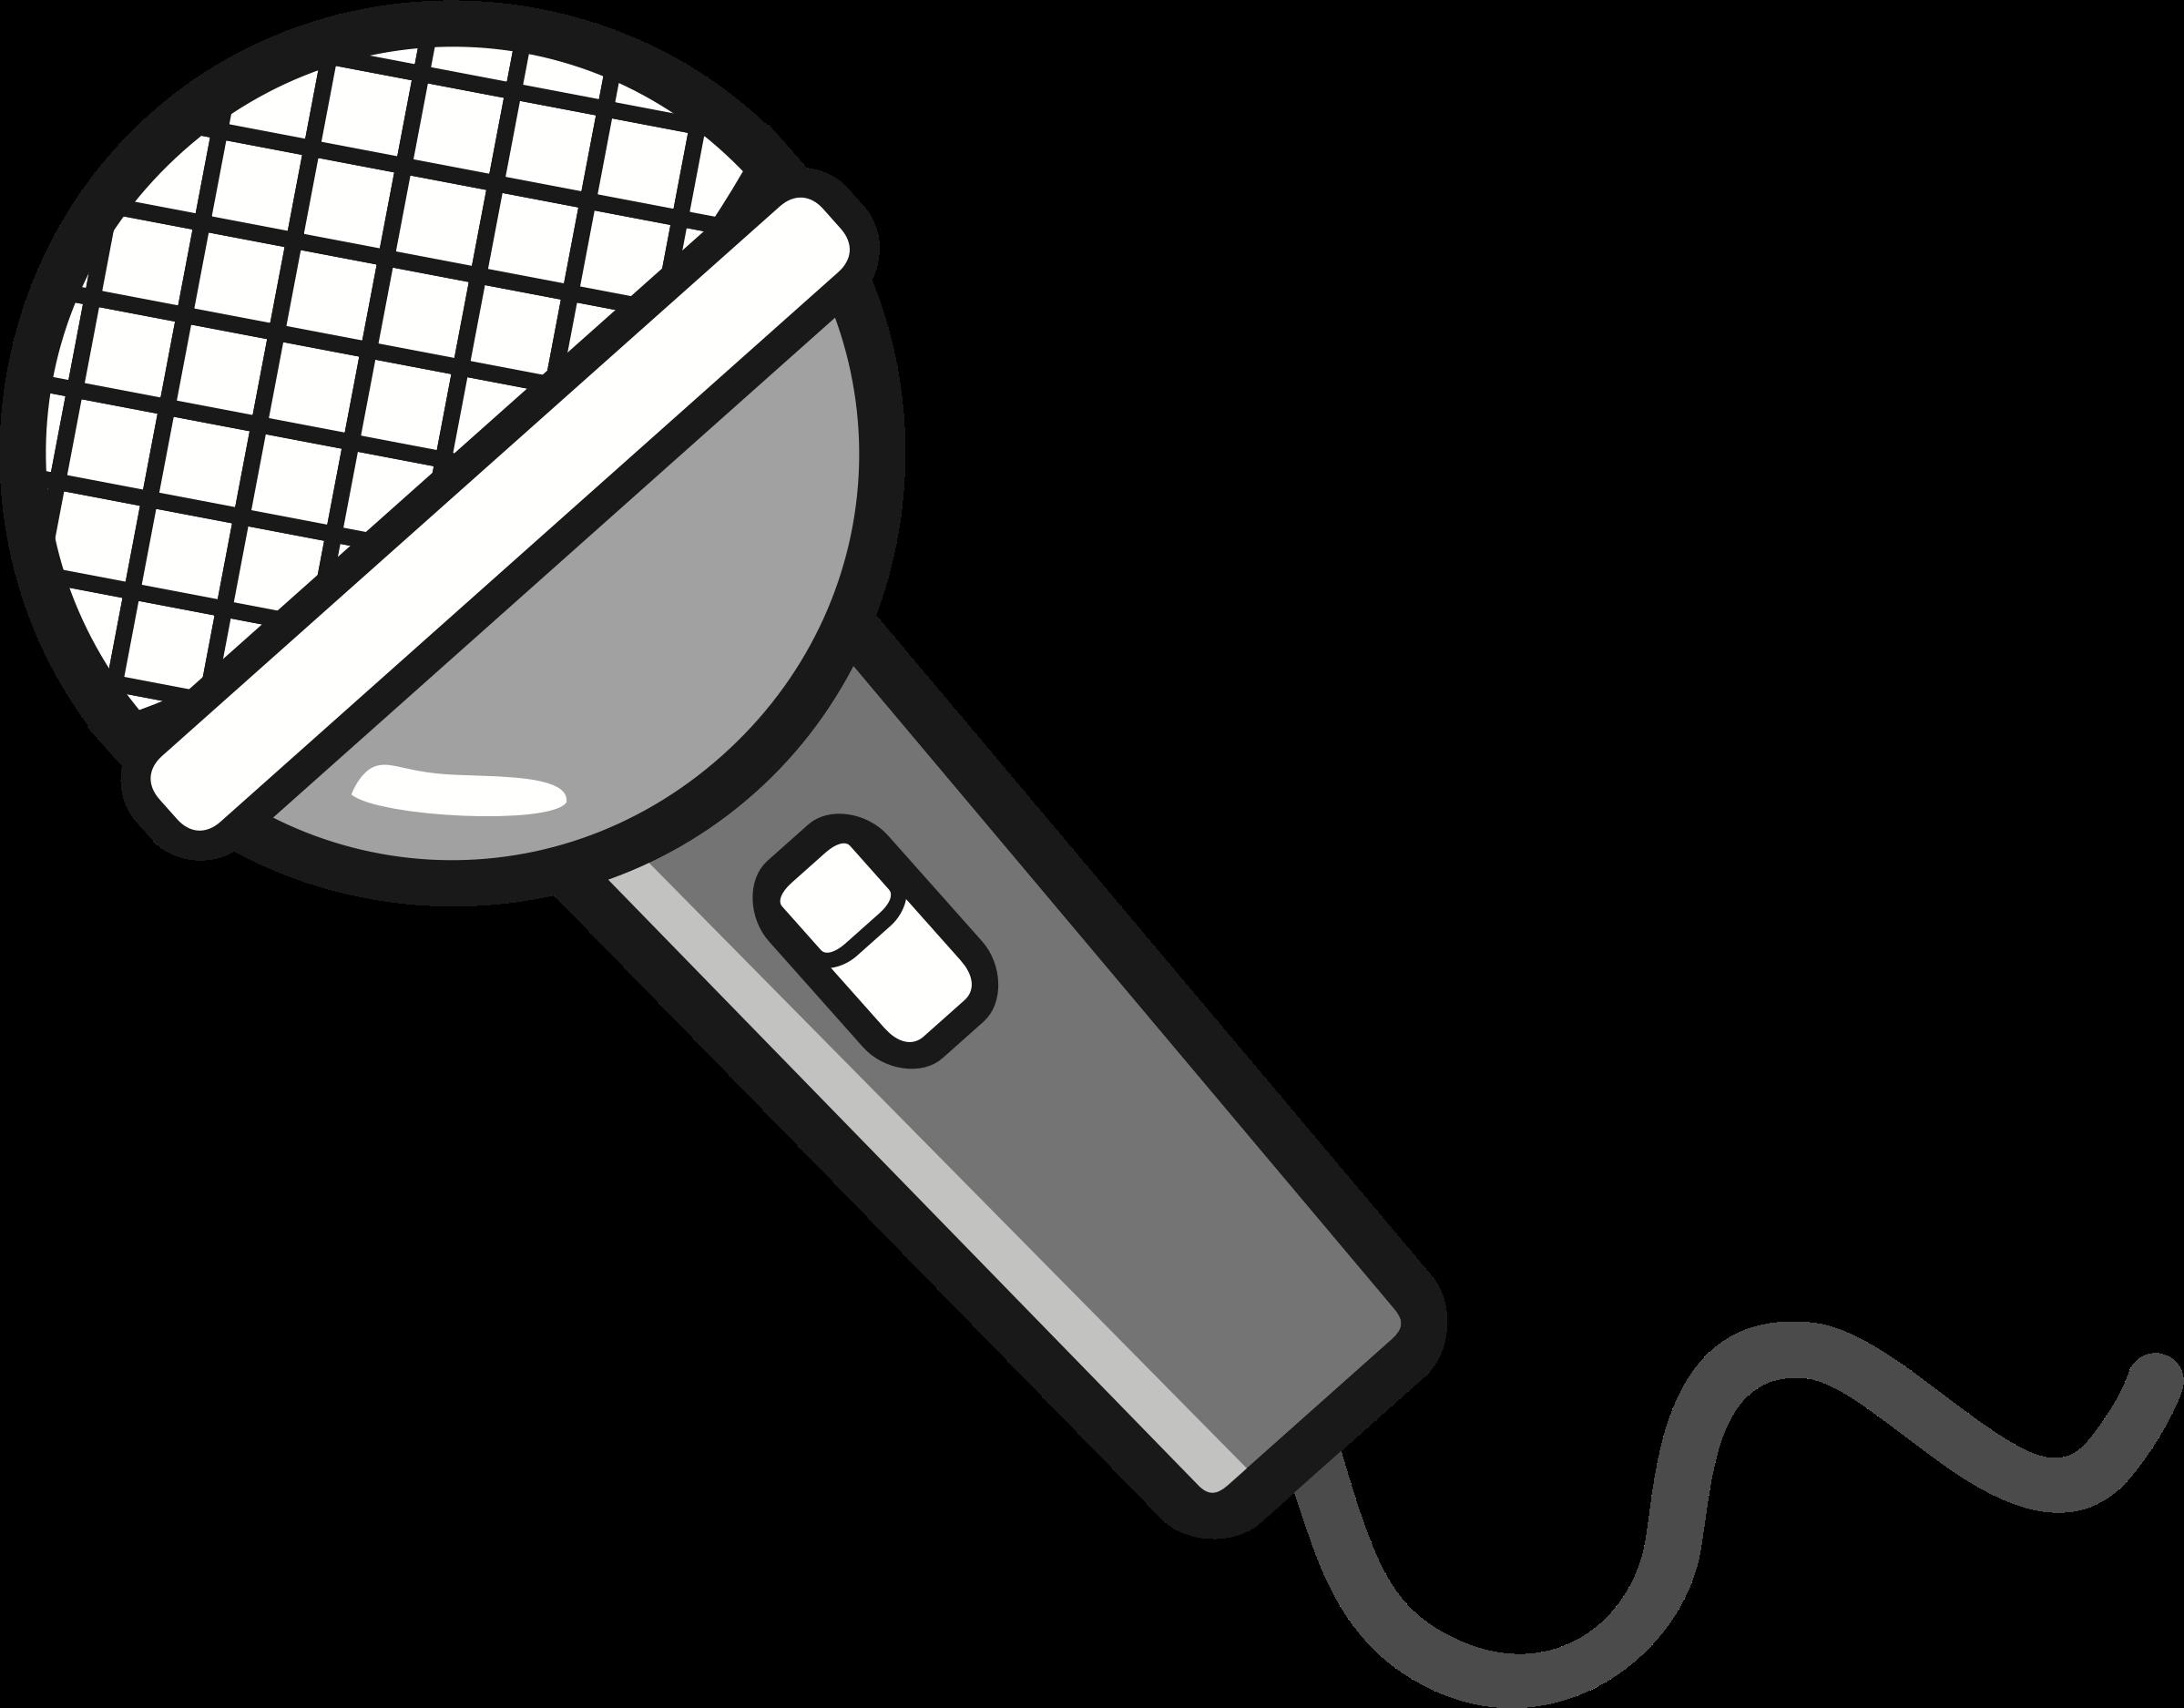 Мультяшные картинки микрофона